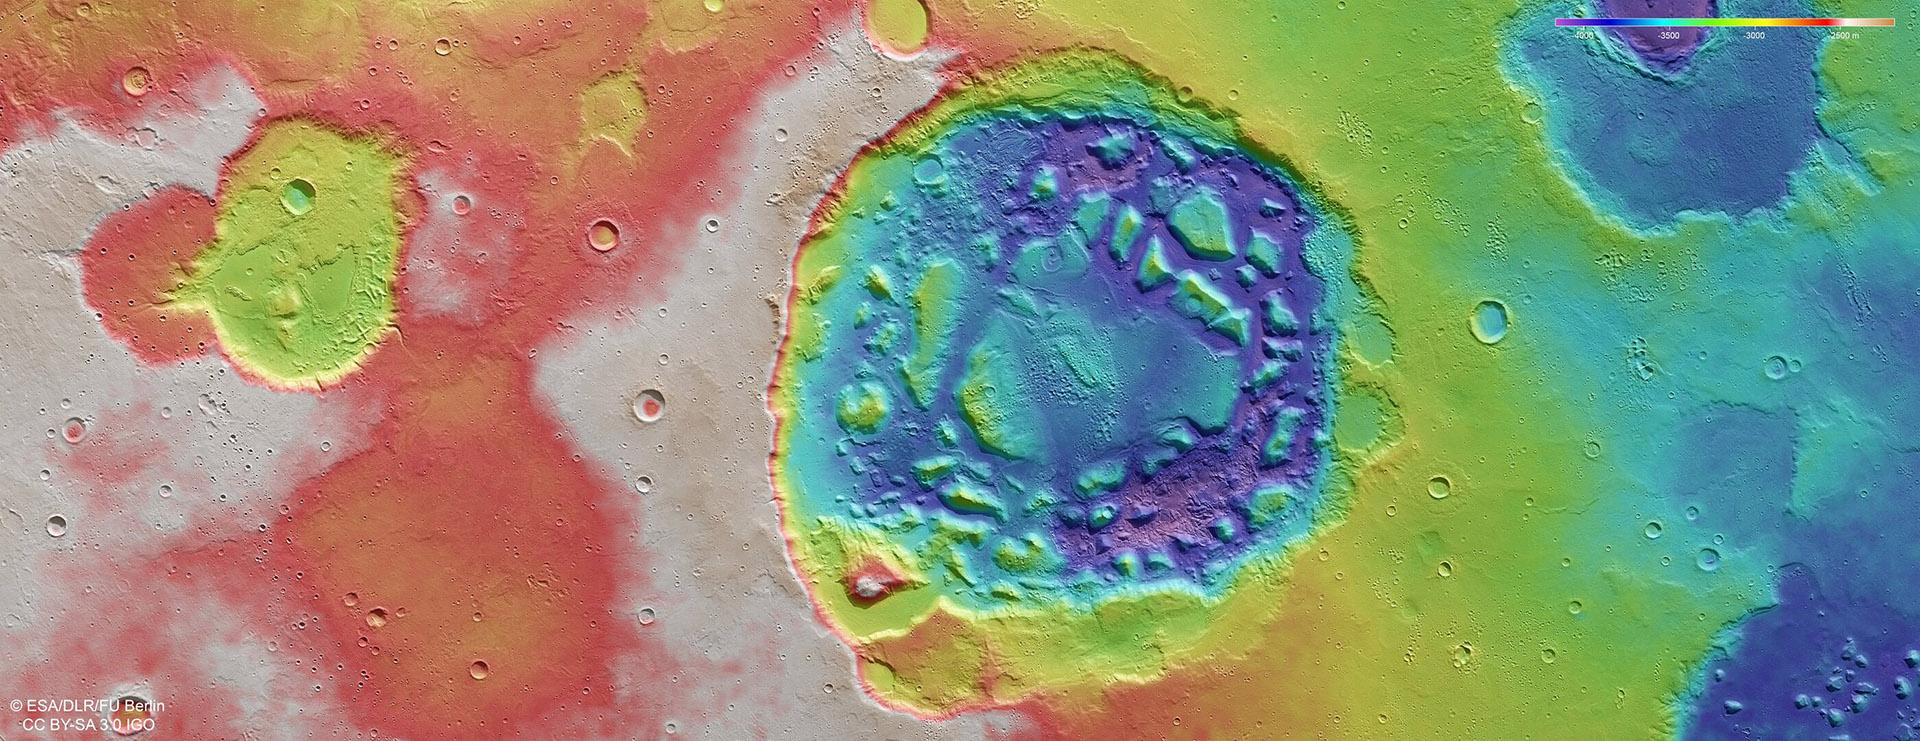 Imagen topográfica codificada del cráter llamado Ismenia Patera en Marte (Crédito ESA / European Space Agency)